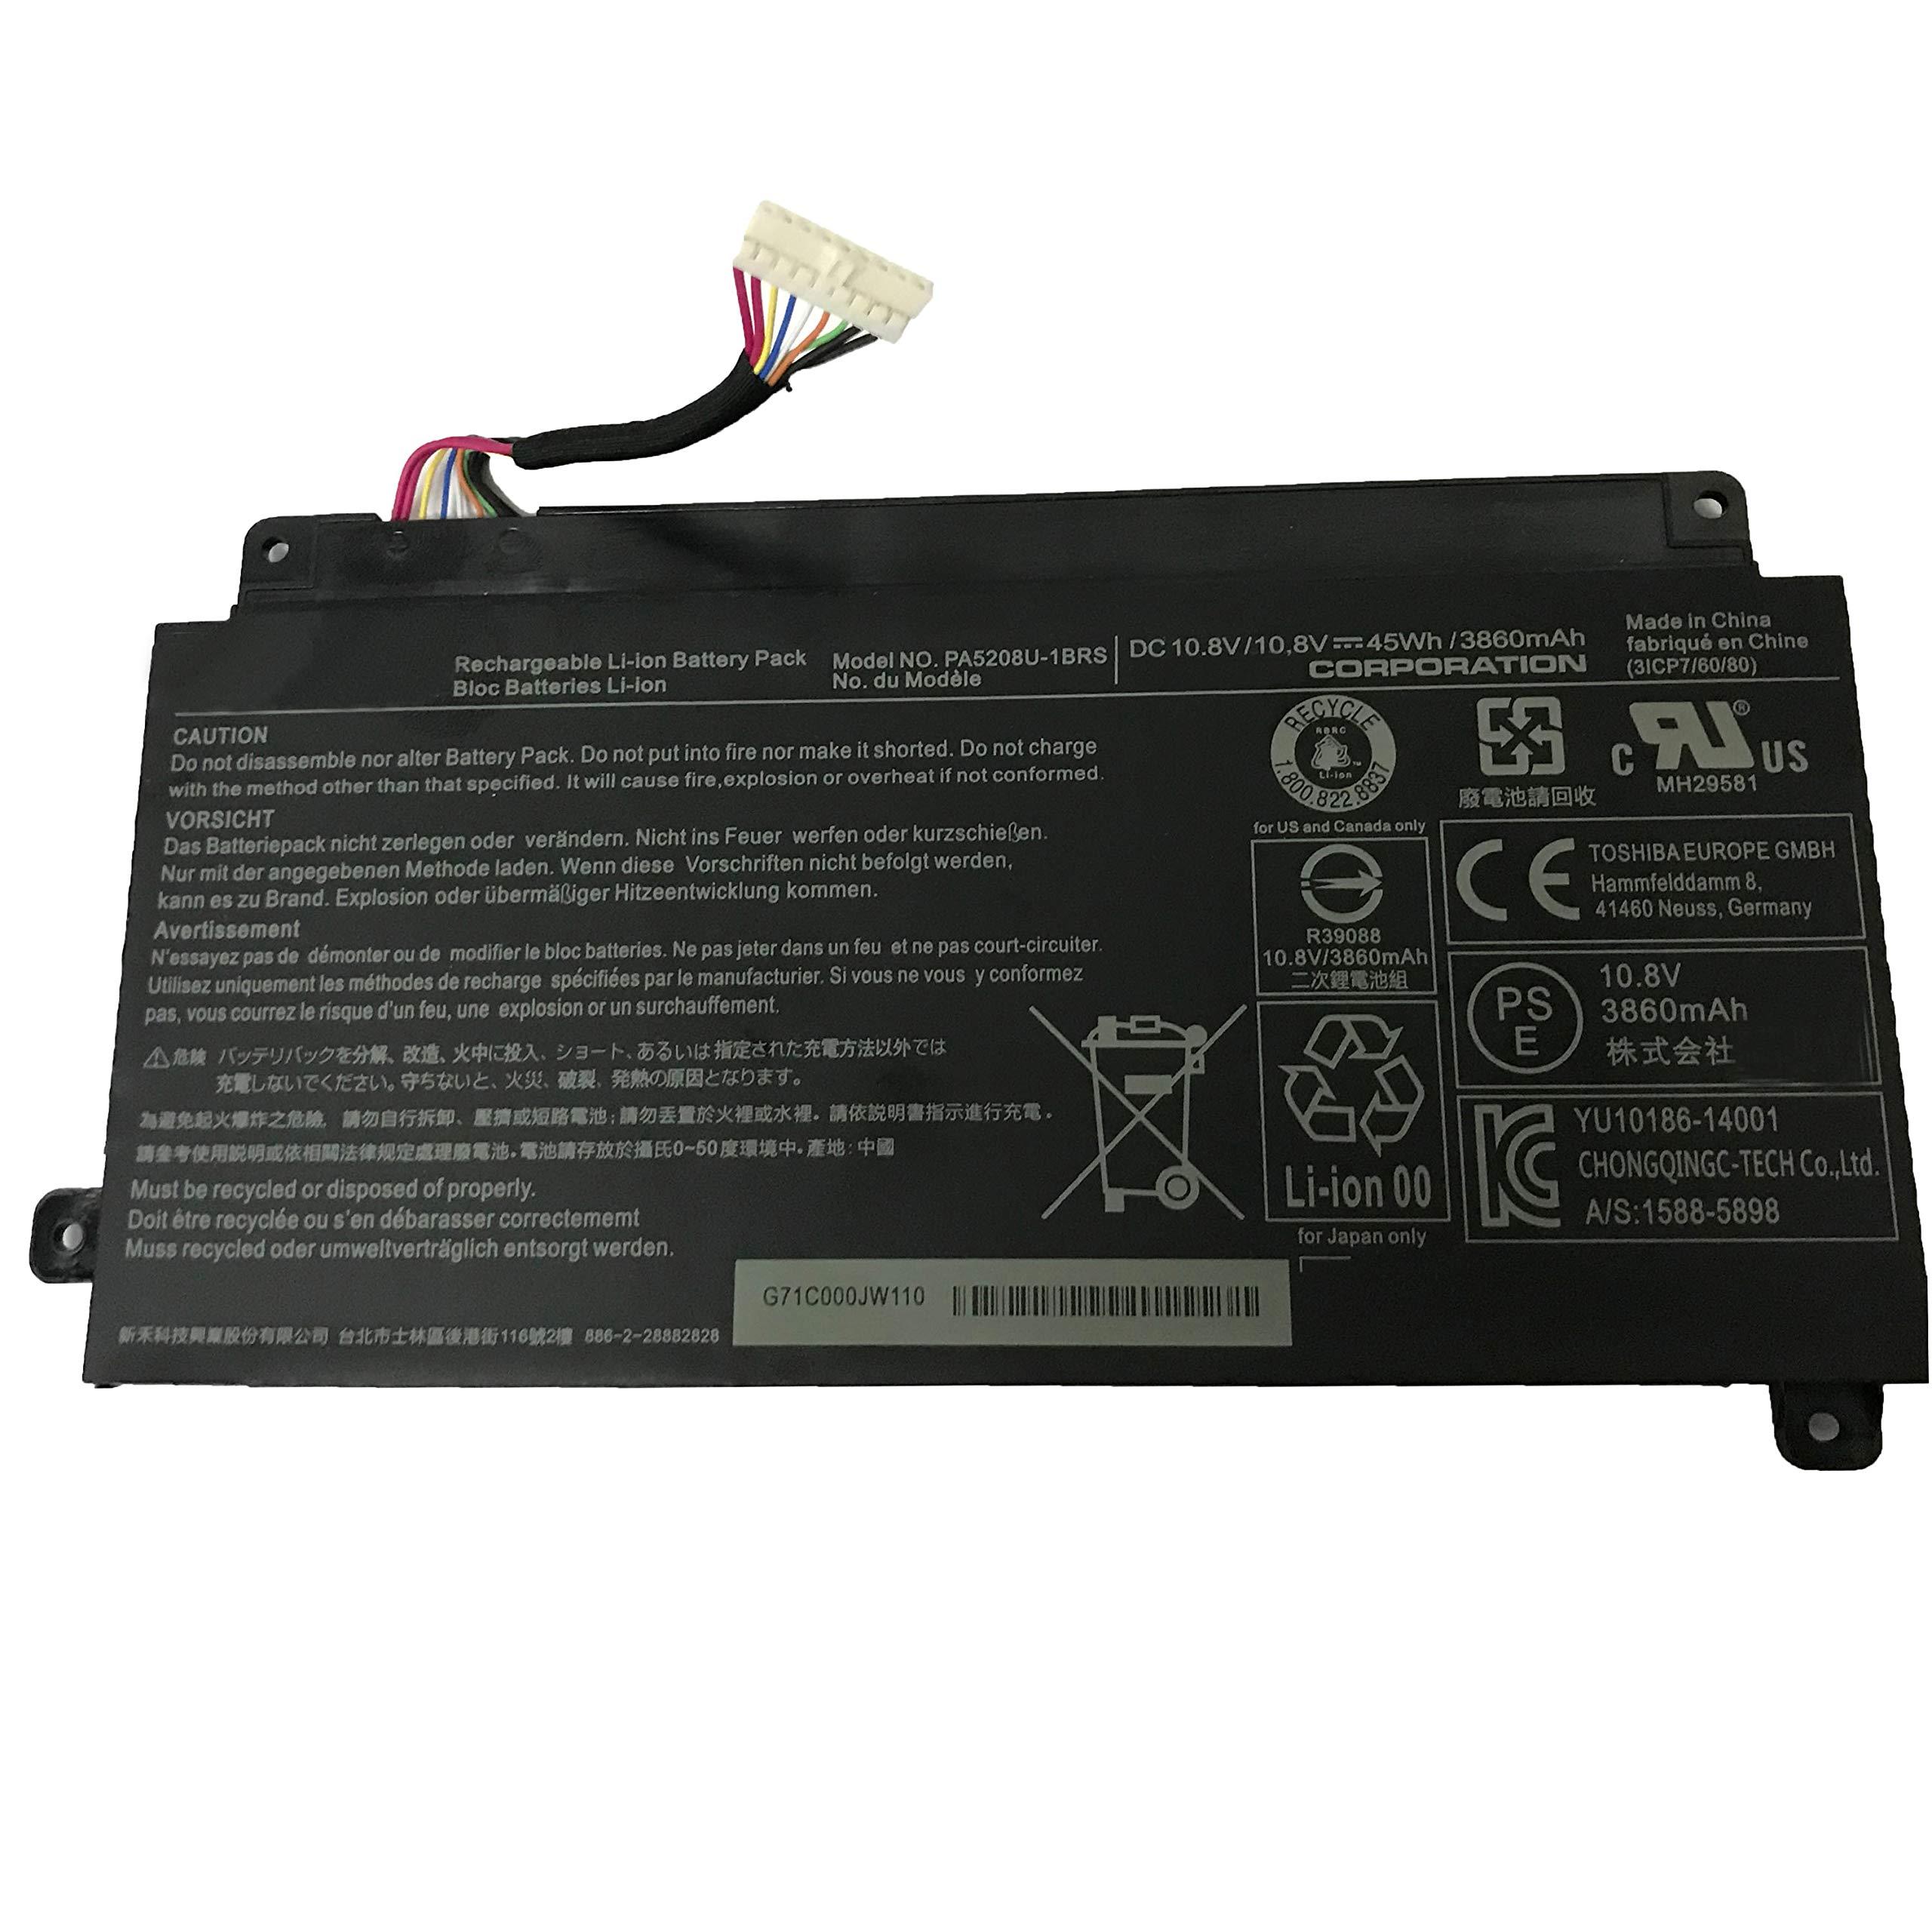 Bateria PA5208U-1BRS Loptop para Toshiba Chromebook CB35 CB30 CB35-B3330 CB35-B3340 CB35-C3300 CB35-C3350 CB30-B3123 Sat